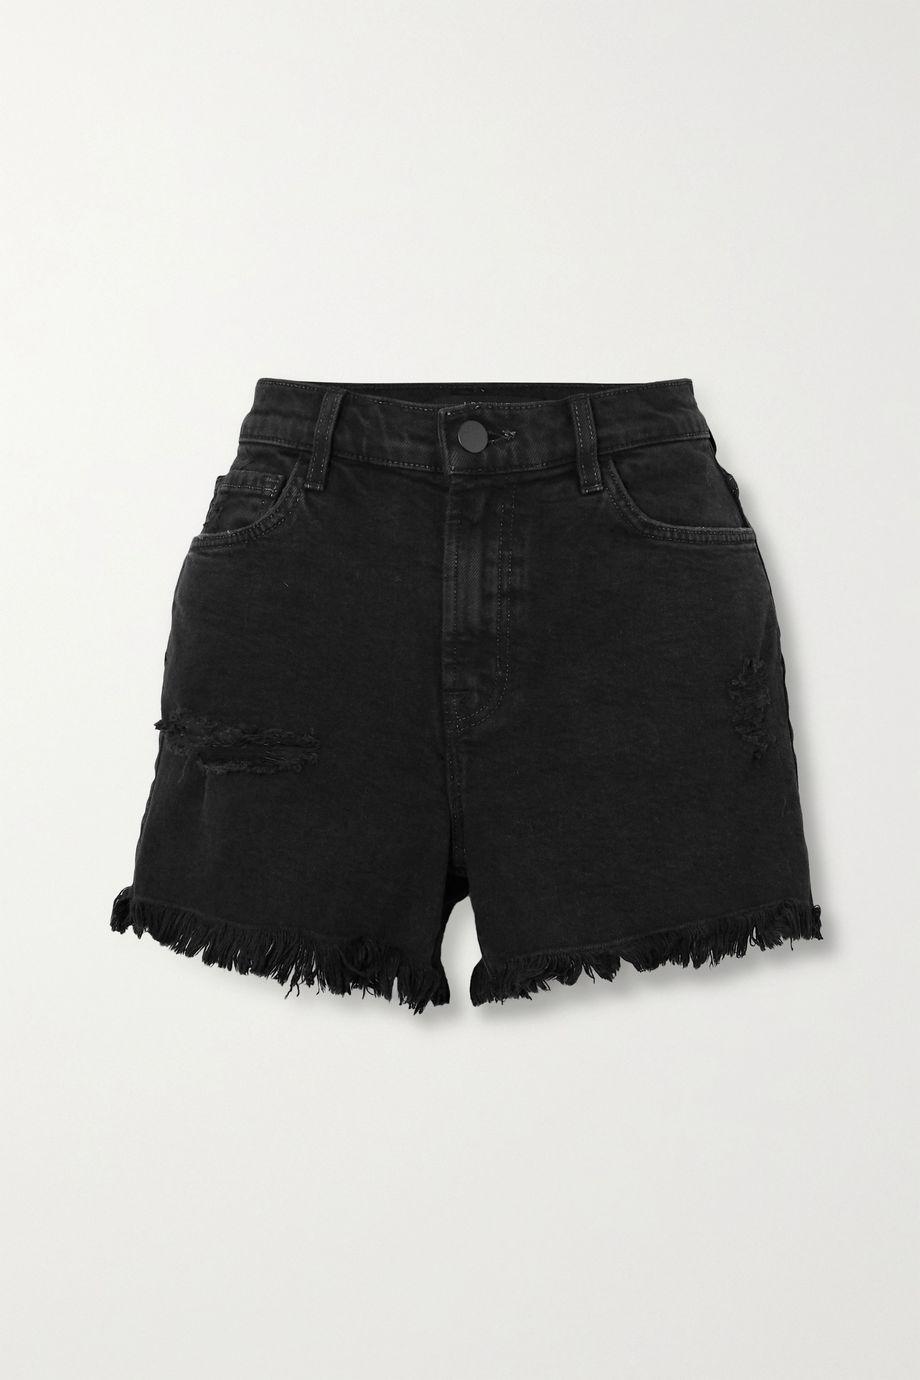 J Brand Jules frayed denim shorts